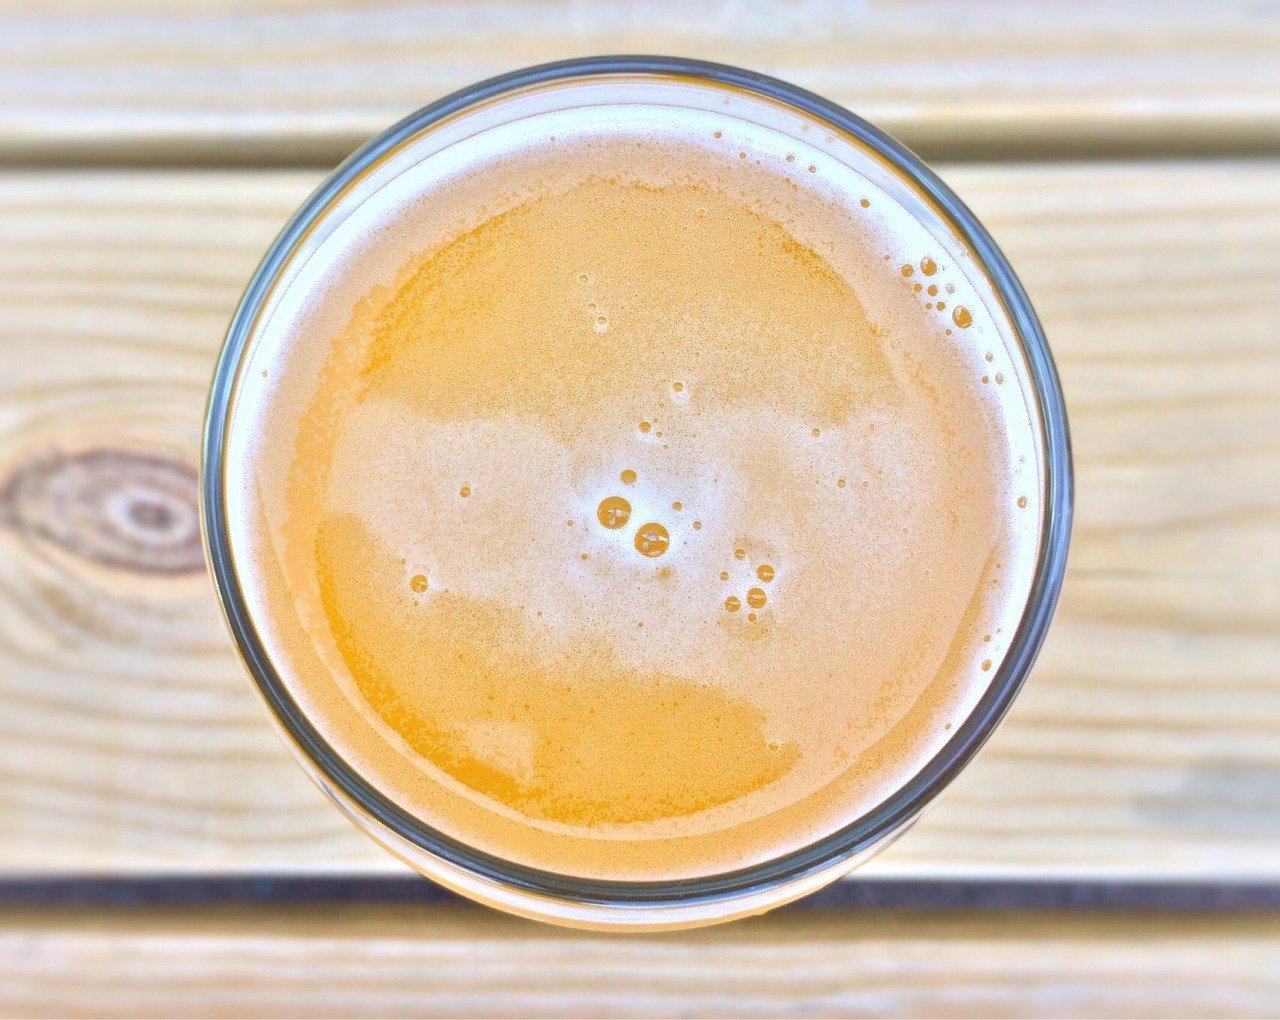 Eichhof Lager (4.8 vol%) Essen und Trinken alkoholhaltige Getränke